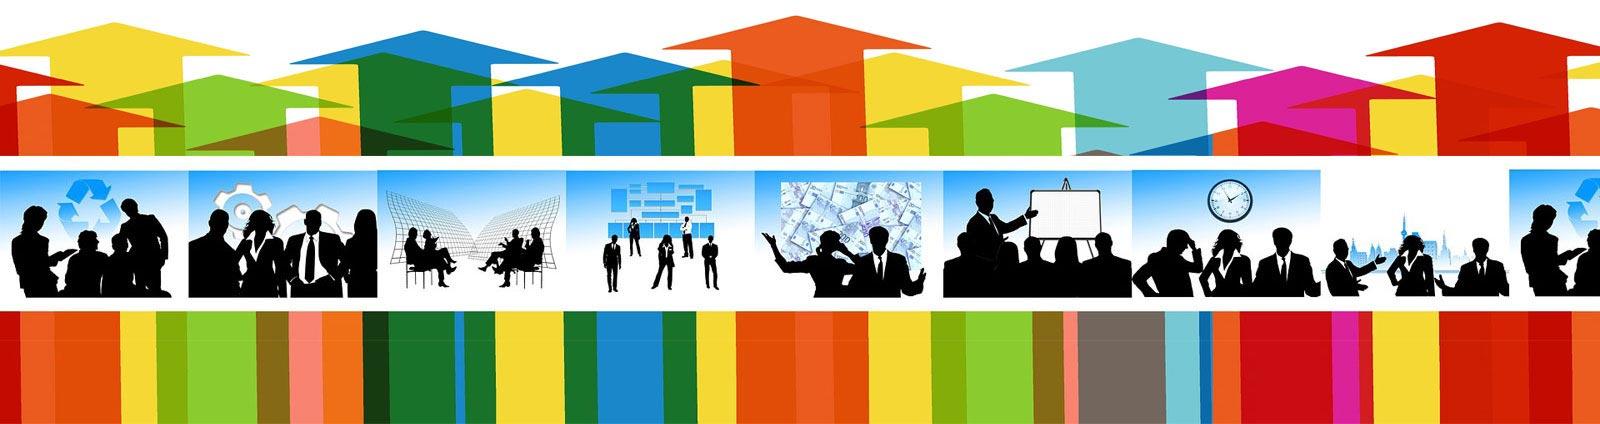 Collectif Web - Création de sites, e-commerce, blog, webzine + référencement et visibilité sur Internet